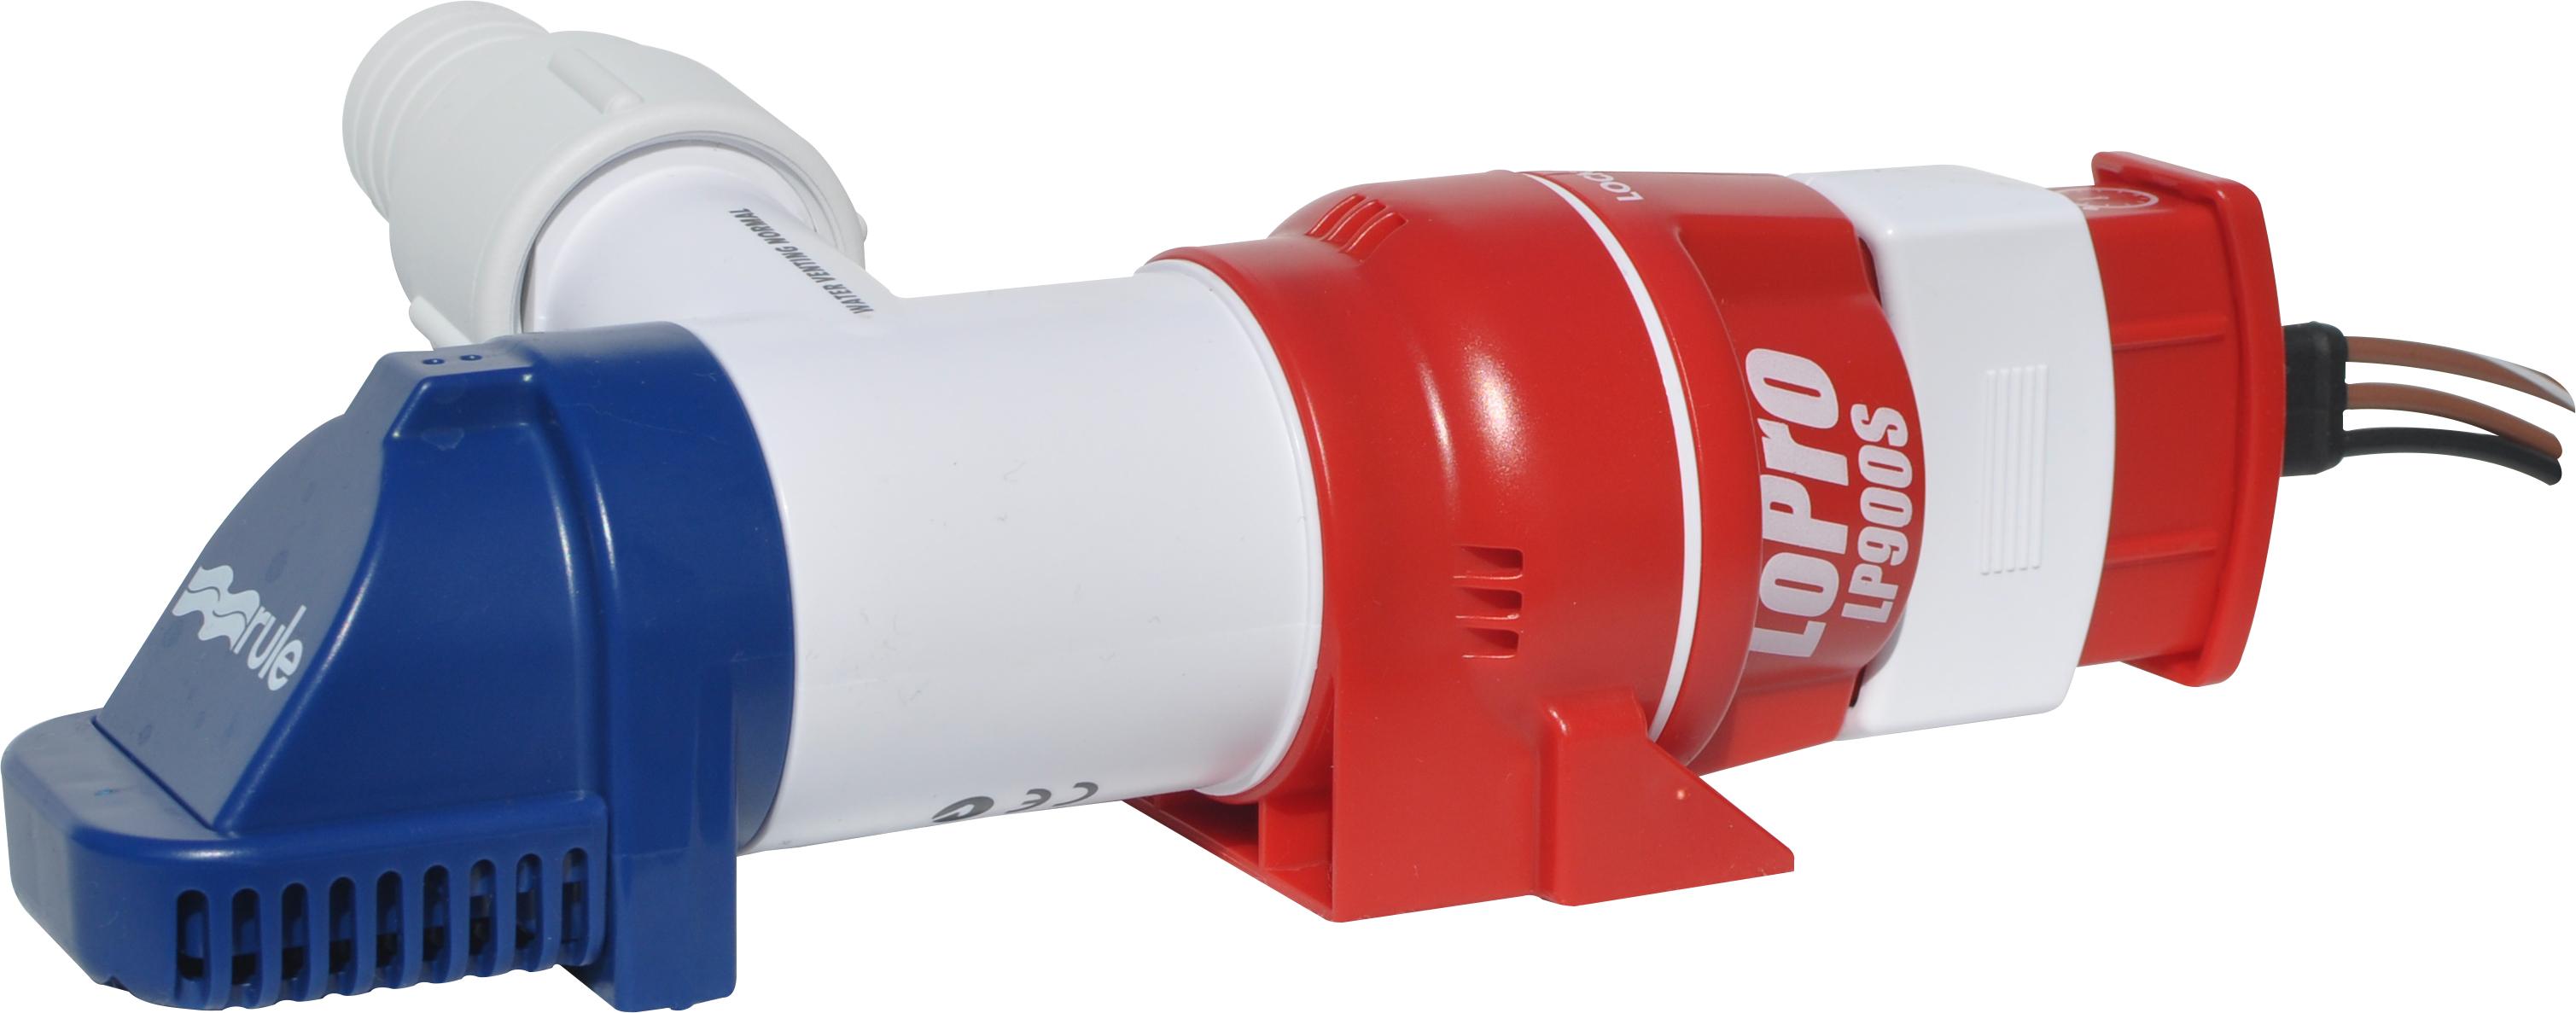 Rule Pump 12 Volt Dc Non Automatic Bilge 360 Gph 750 Wiring Moreover Diagram Lp900s Lopro Submersible Pumps